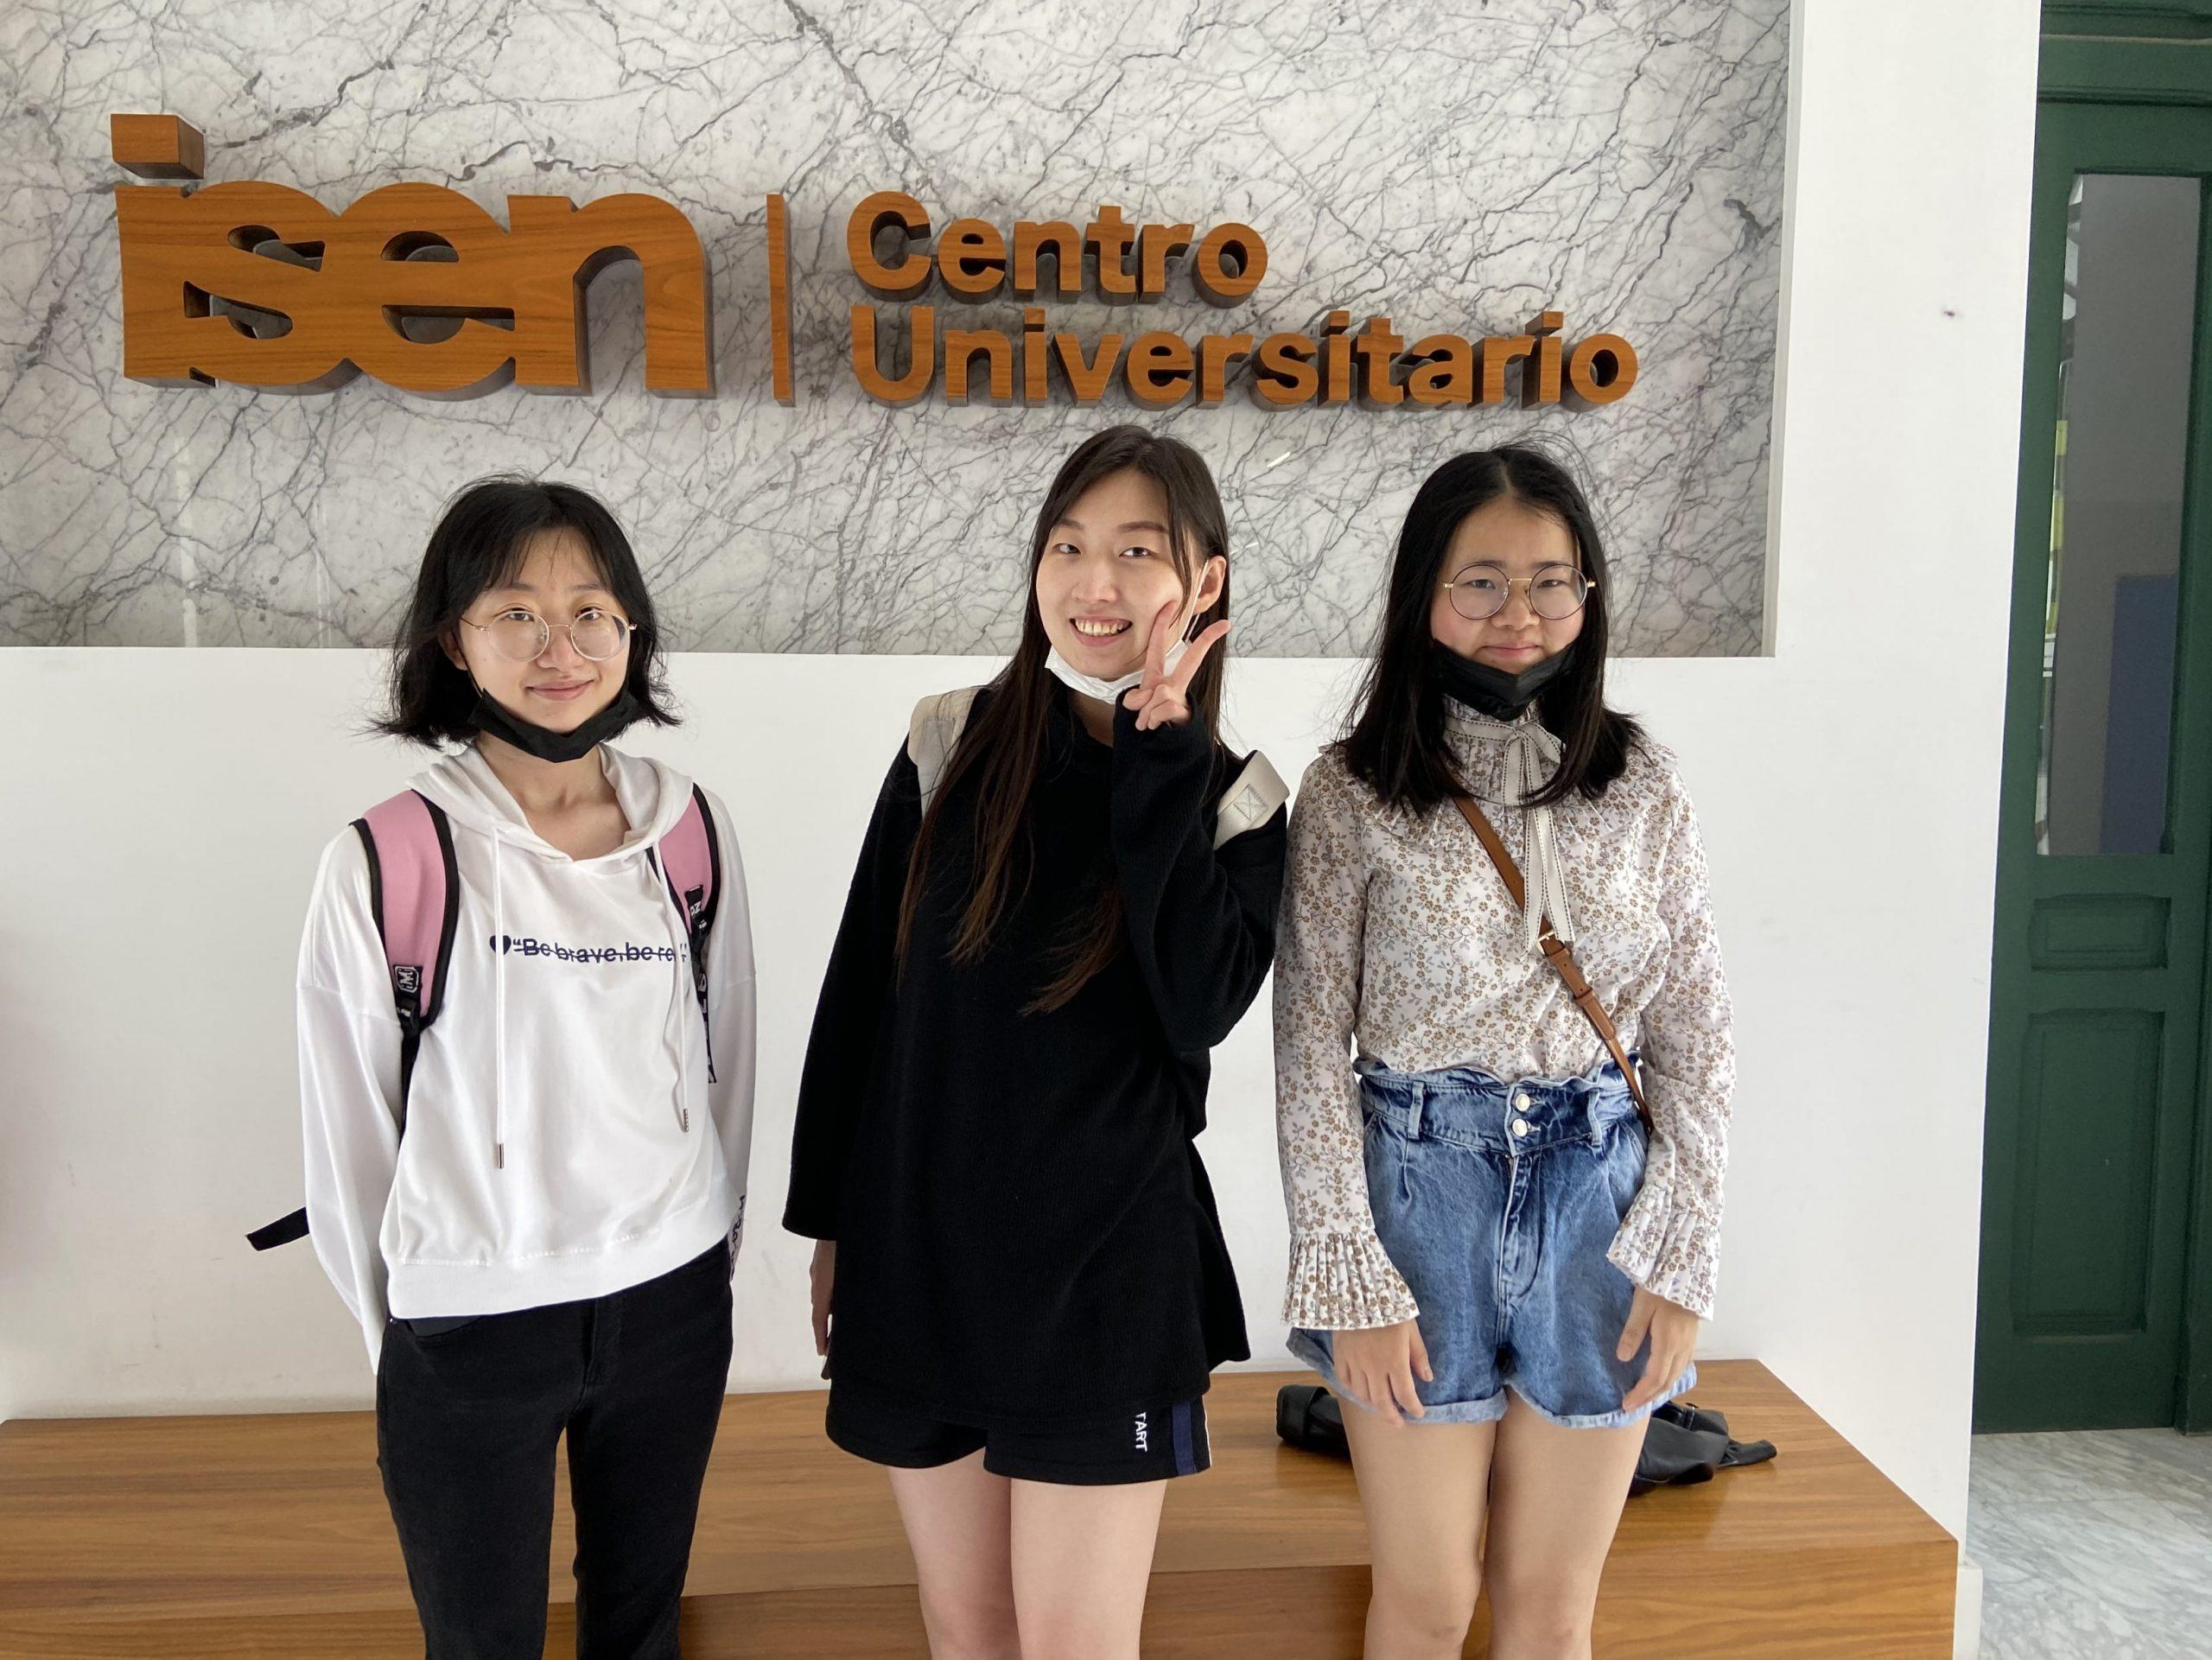 isen-centro universitario